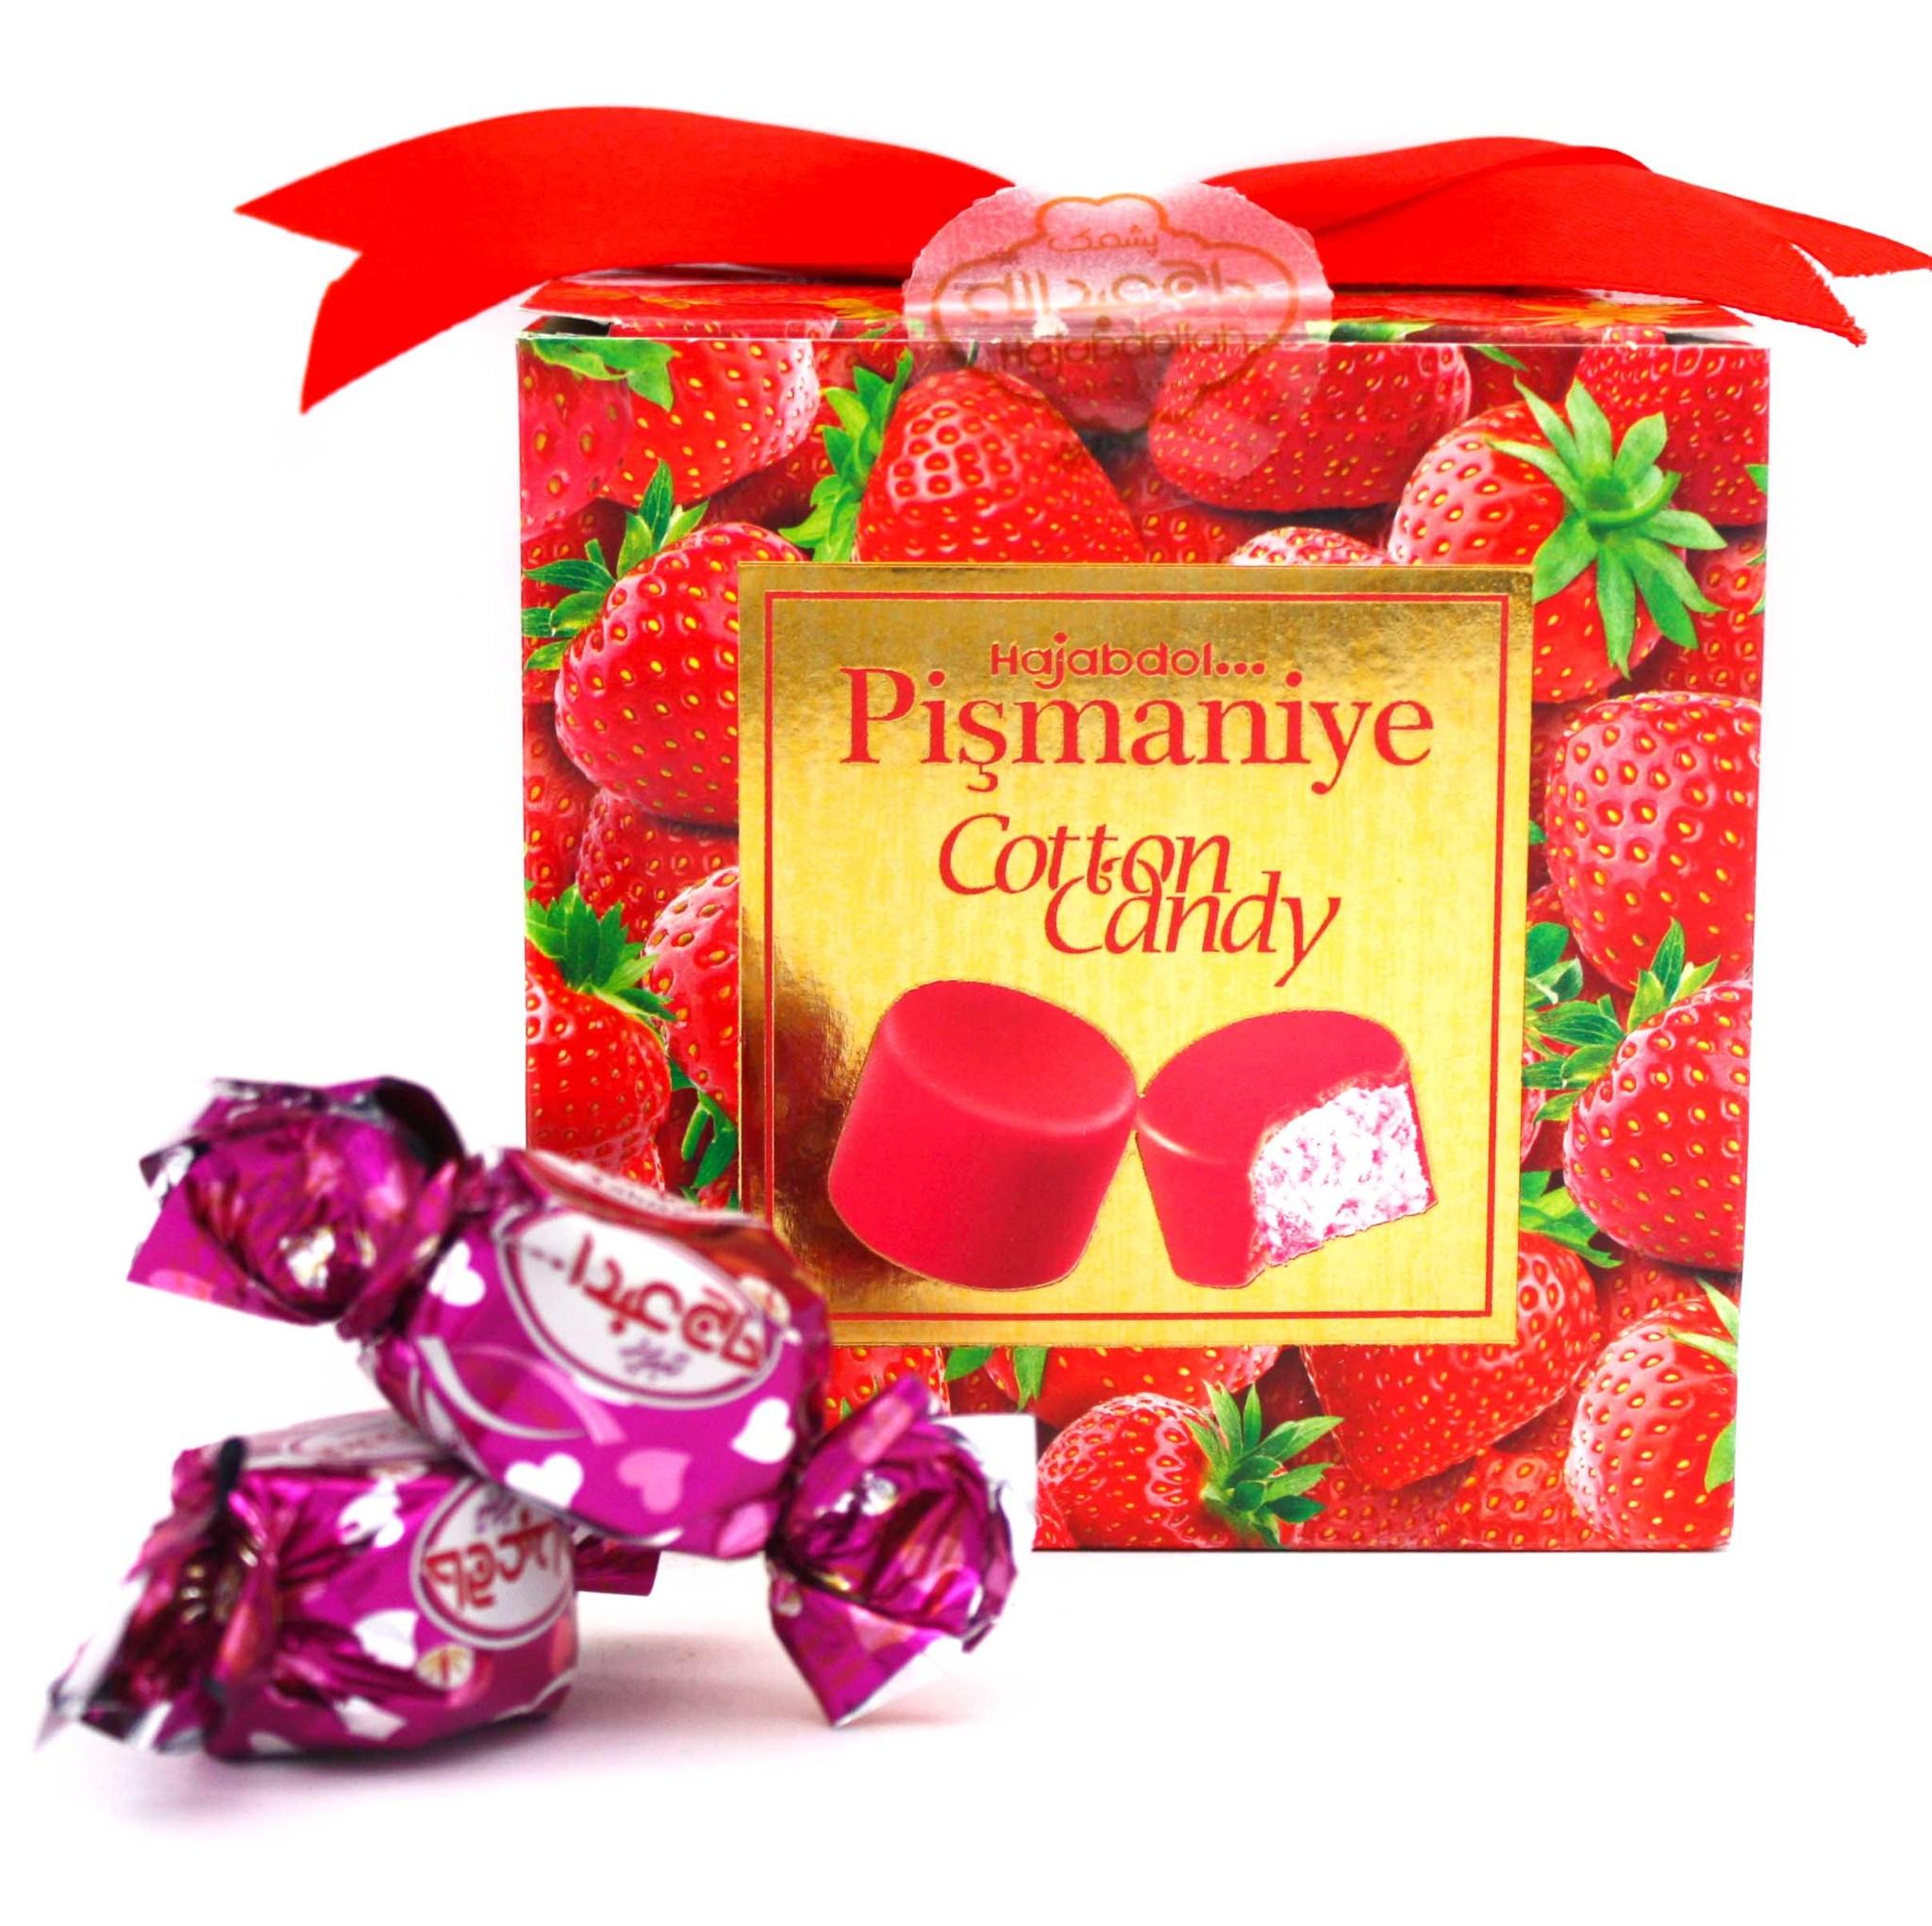 Подарочные наборы Пишмание со вкусом клубники во фруктовой глазури в подарочной упаковке, Hajabdollah, 300 г import_files_bb_bb6af20a0a0311eaa9c3484d7ecee297_d340ec75222a11eaa9c6484d7ecee297.jpg